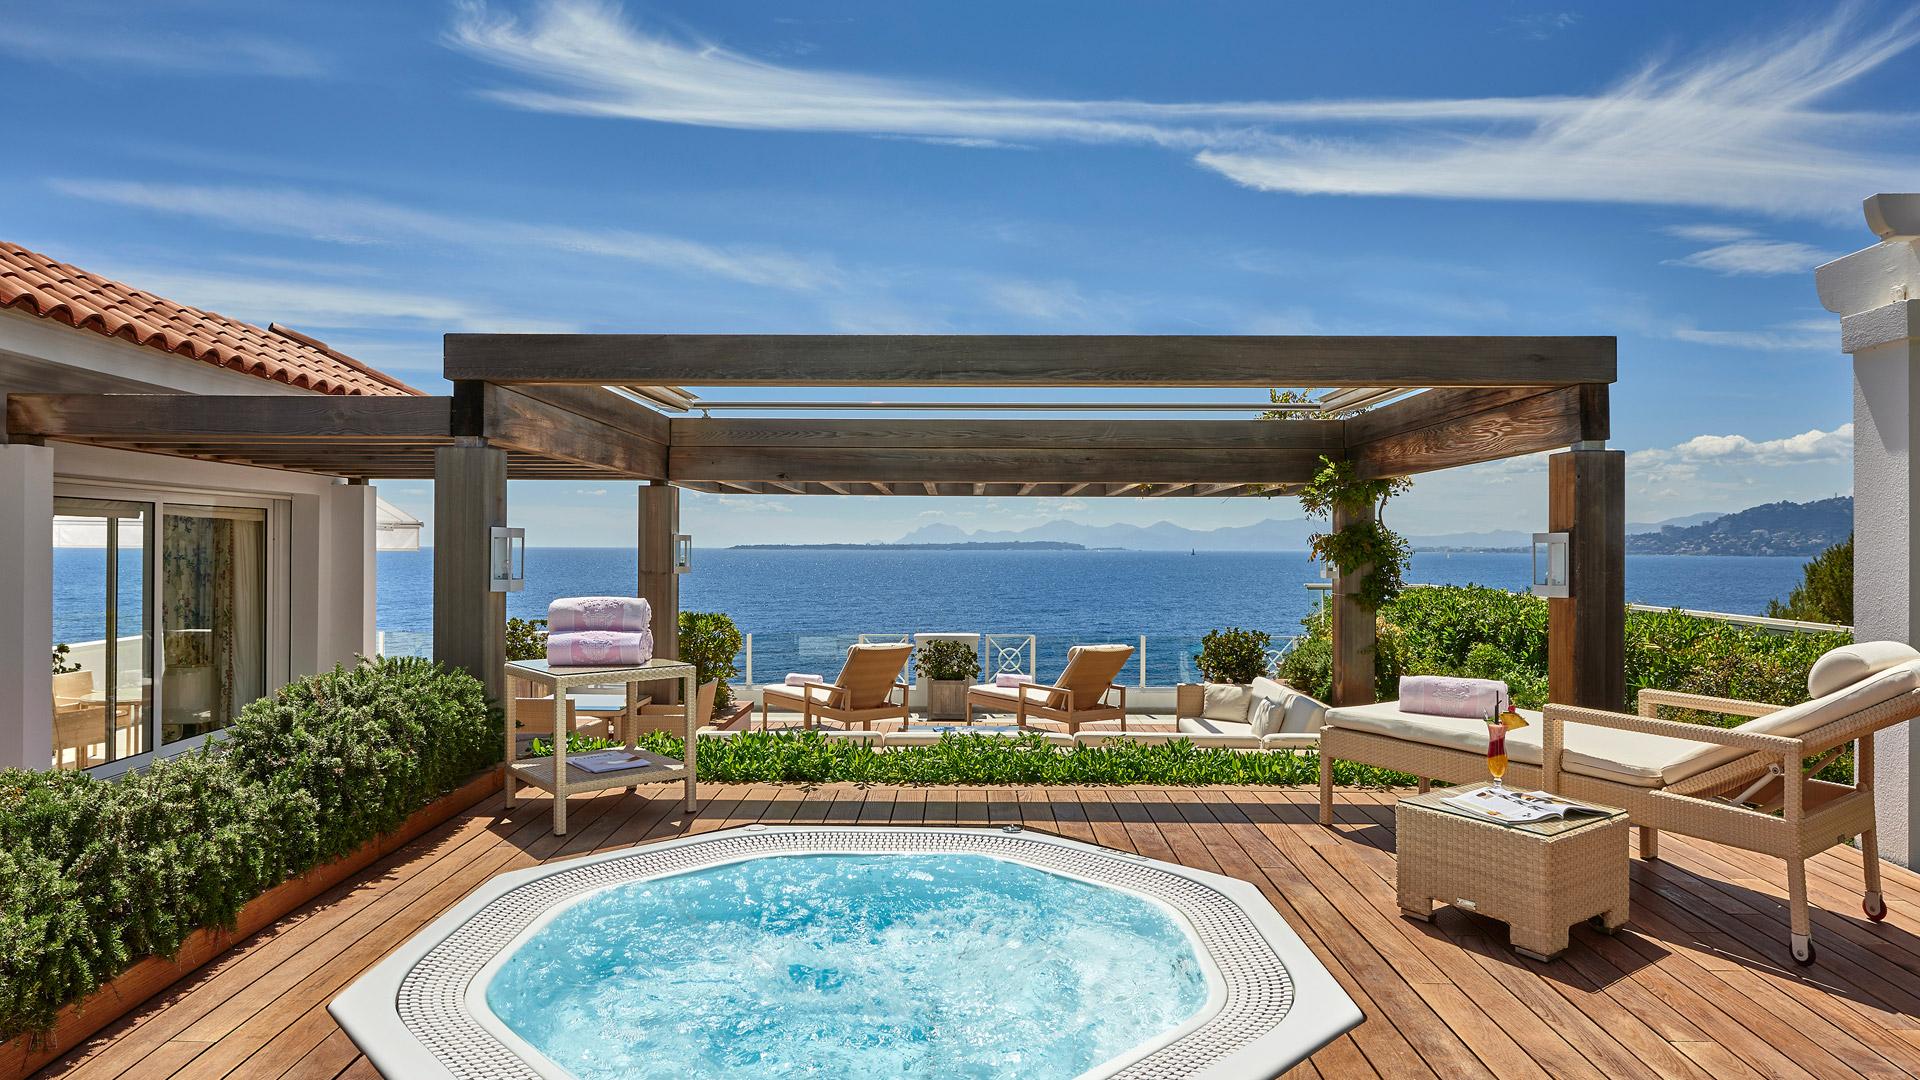 Top Luxury Hotels in Europe 2017